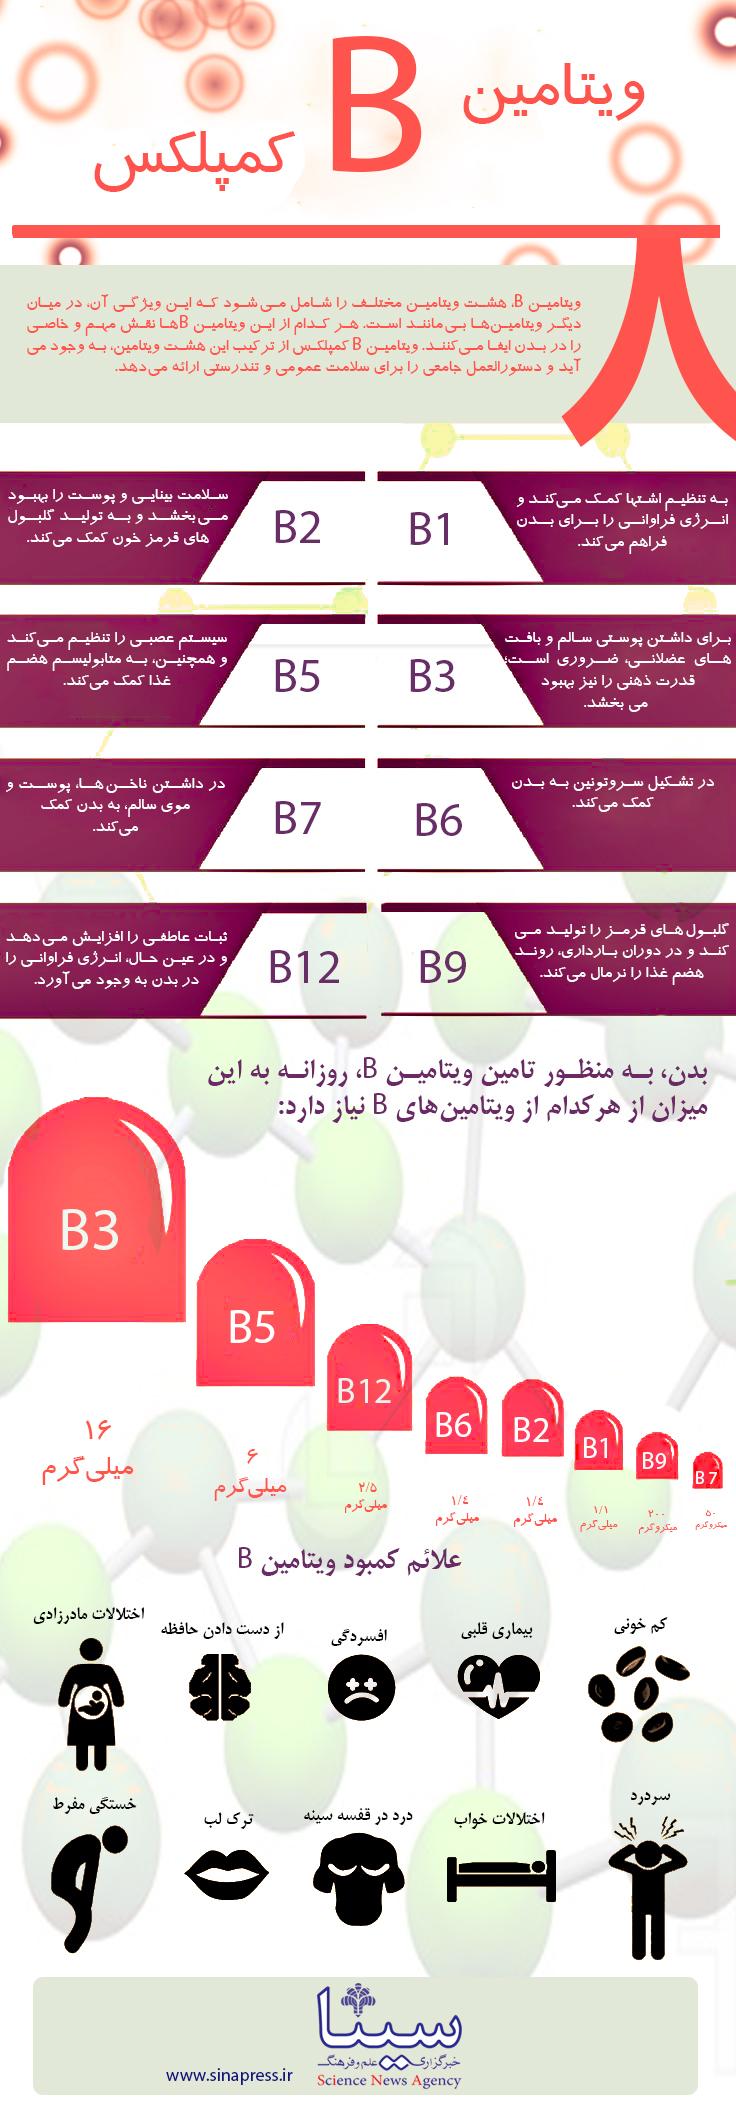 اینفوگرافی ویتامین B